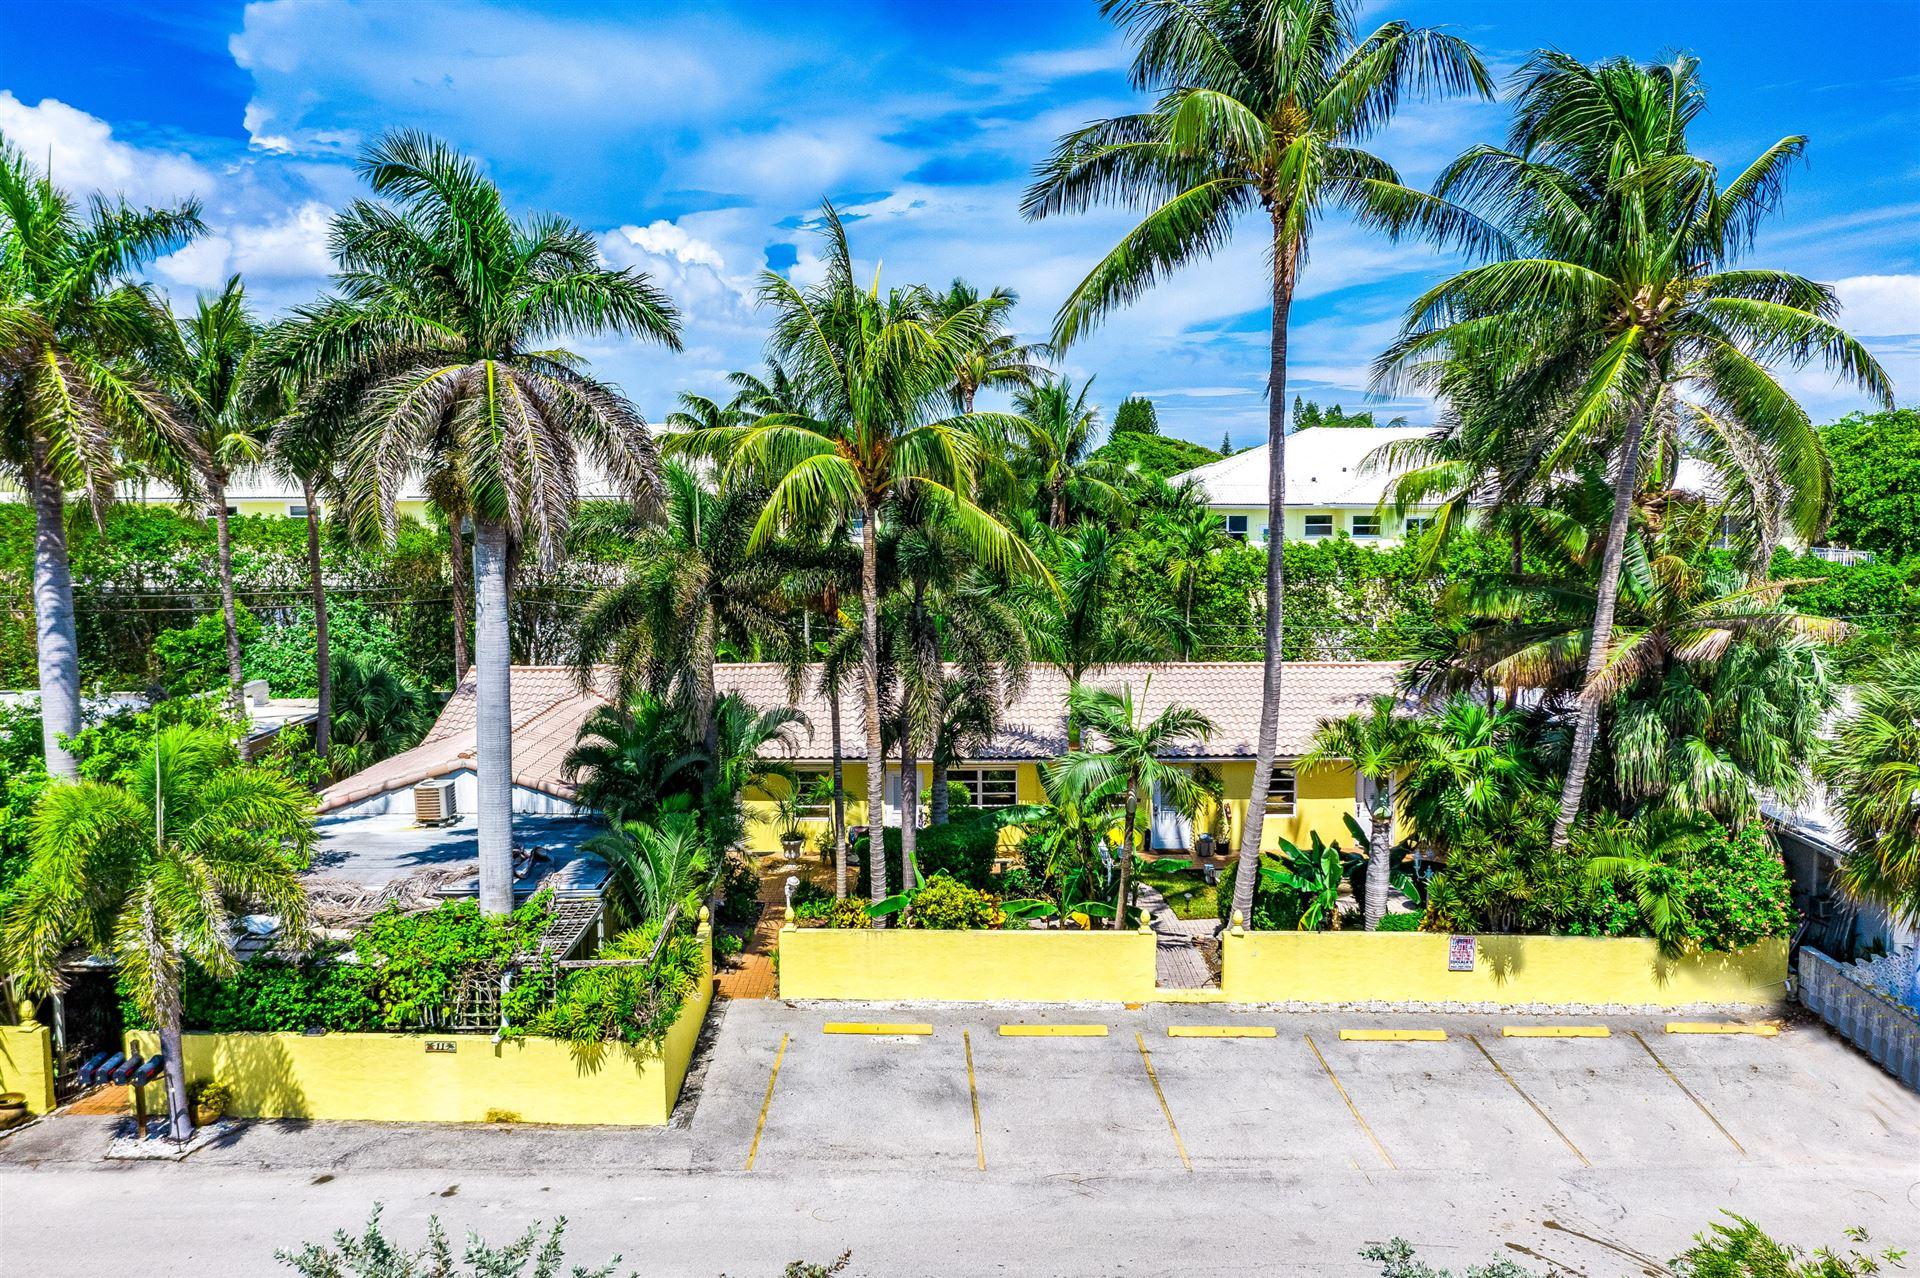 11 Tropical Drive, Ocean Ridge, FL 33435 - #: RX-10645723